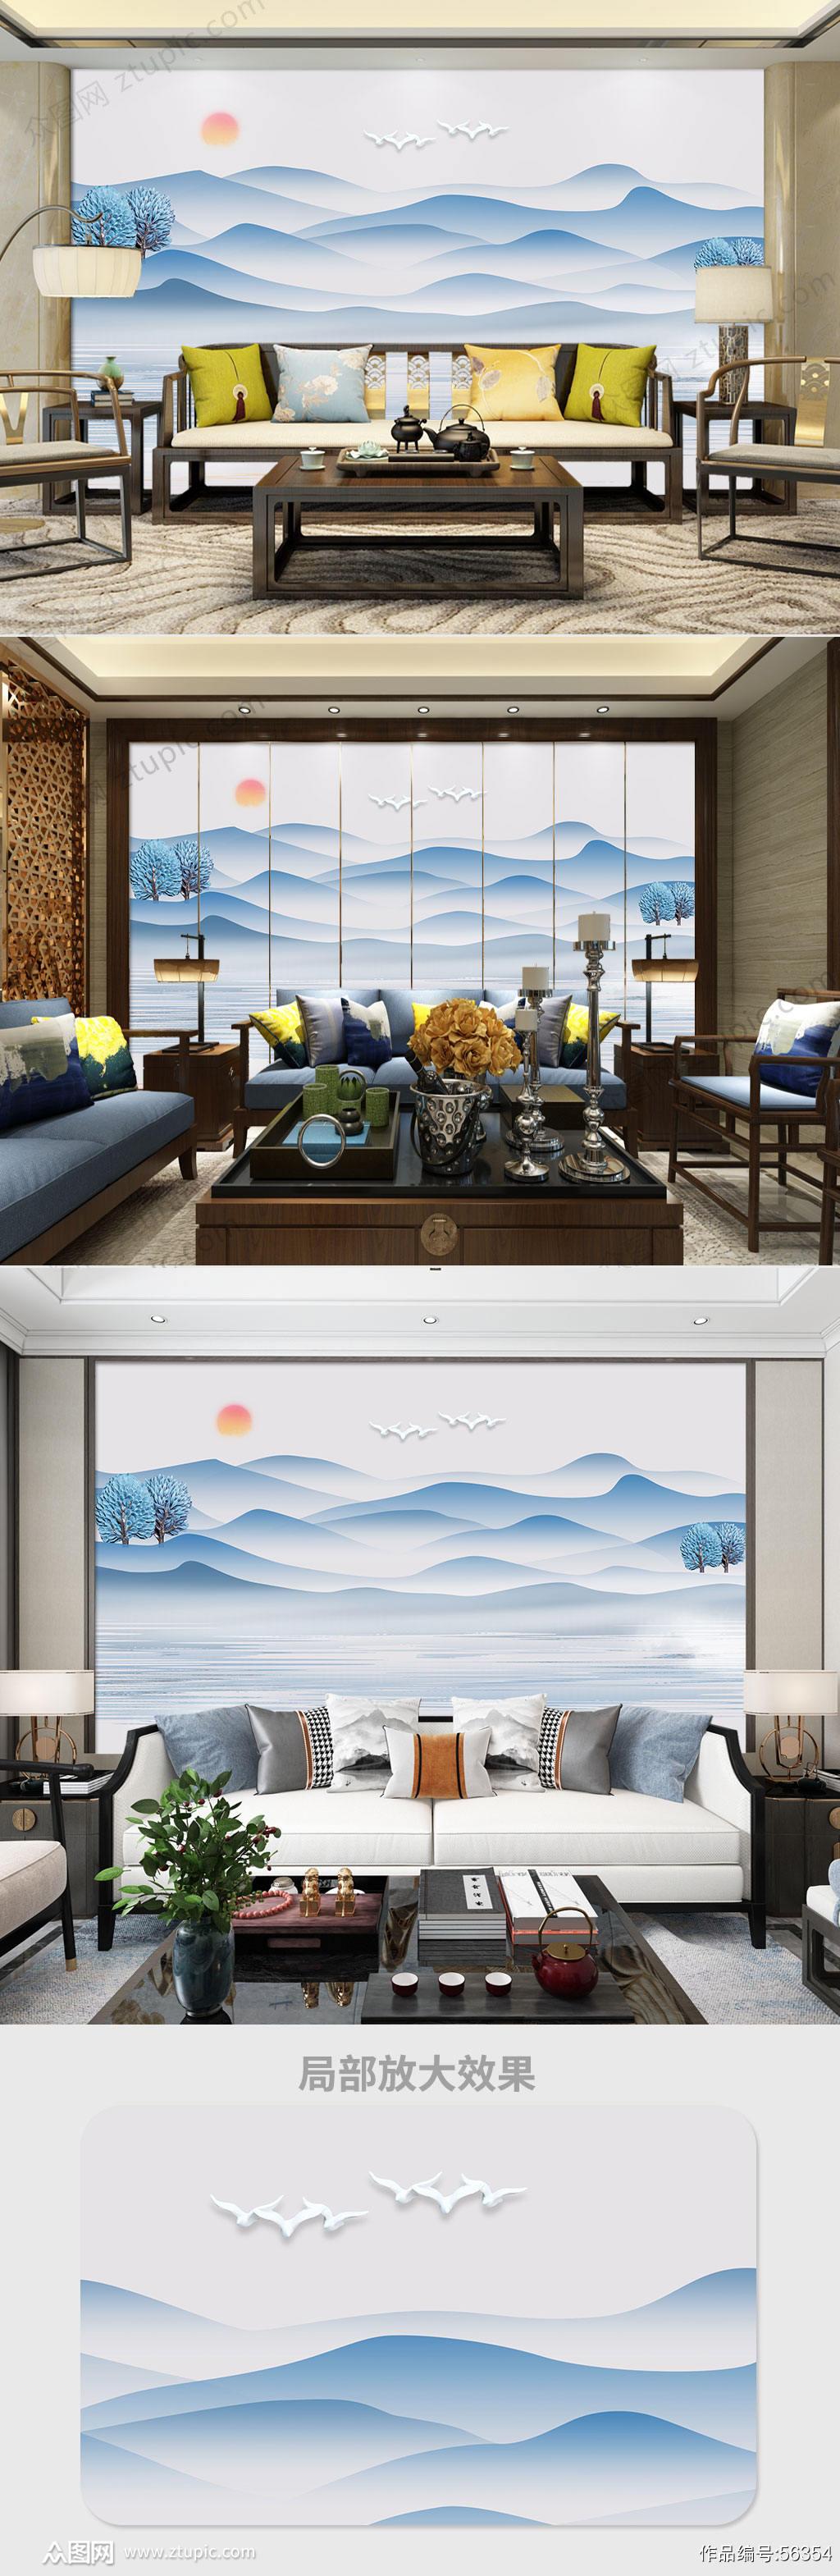 新中式蓝色水墨山水背景墙素材